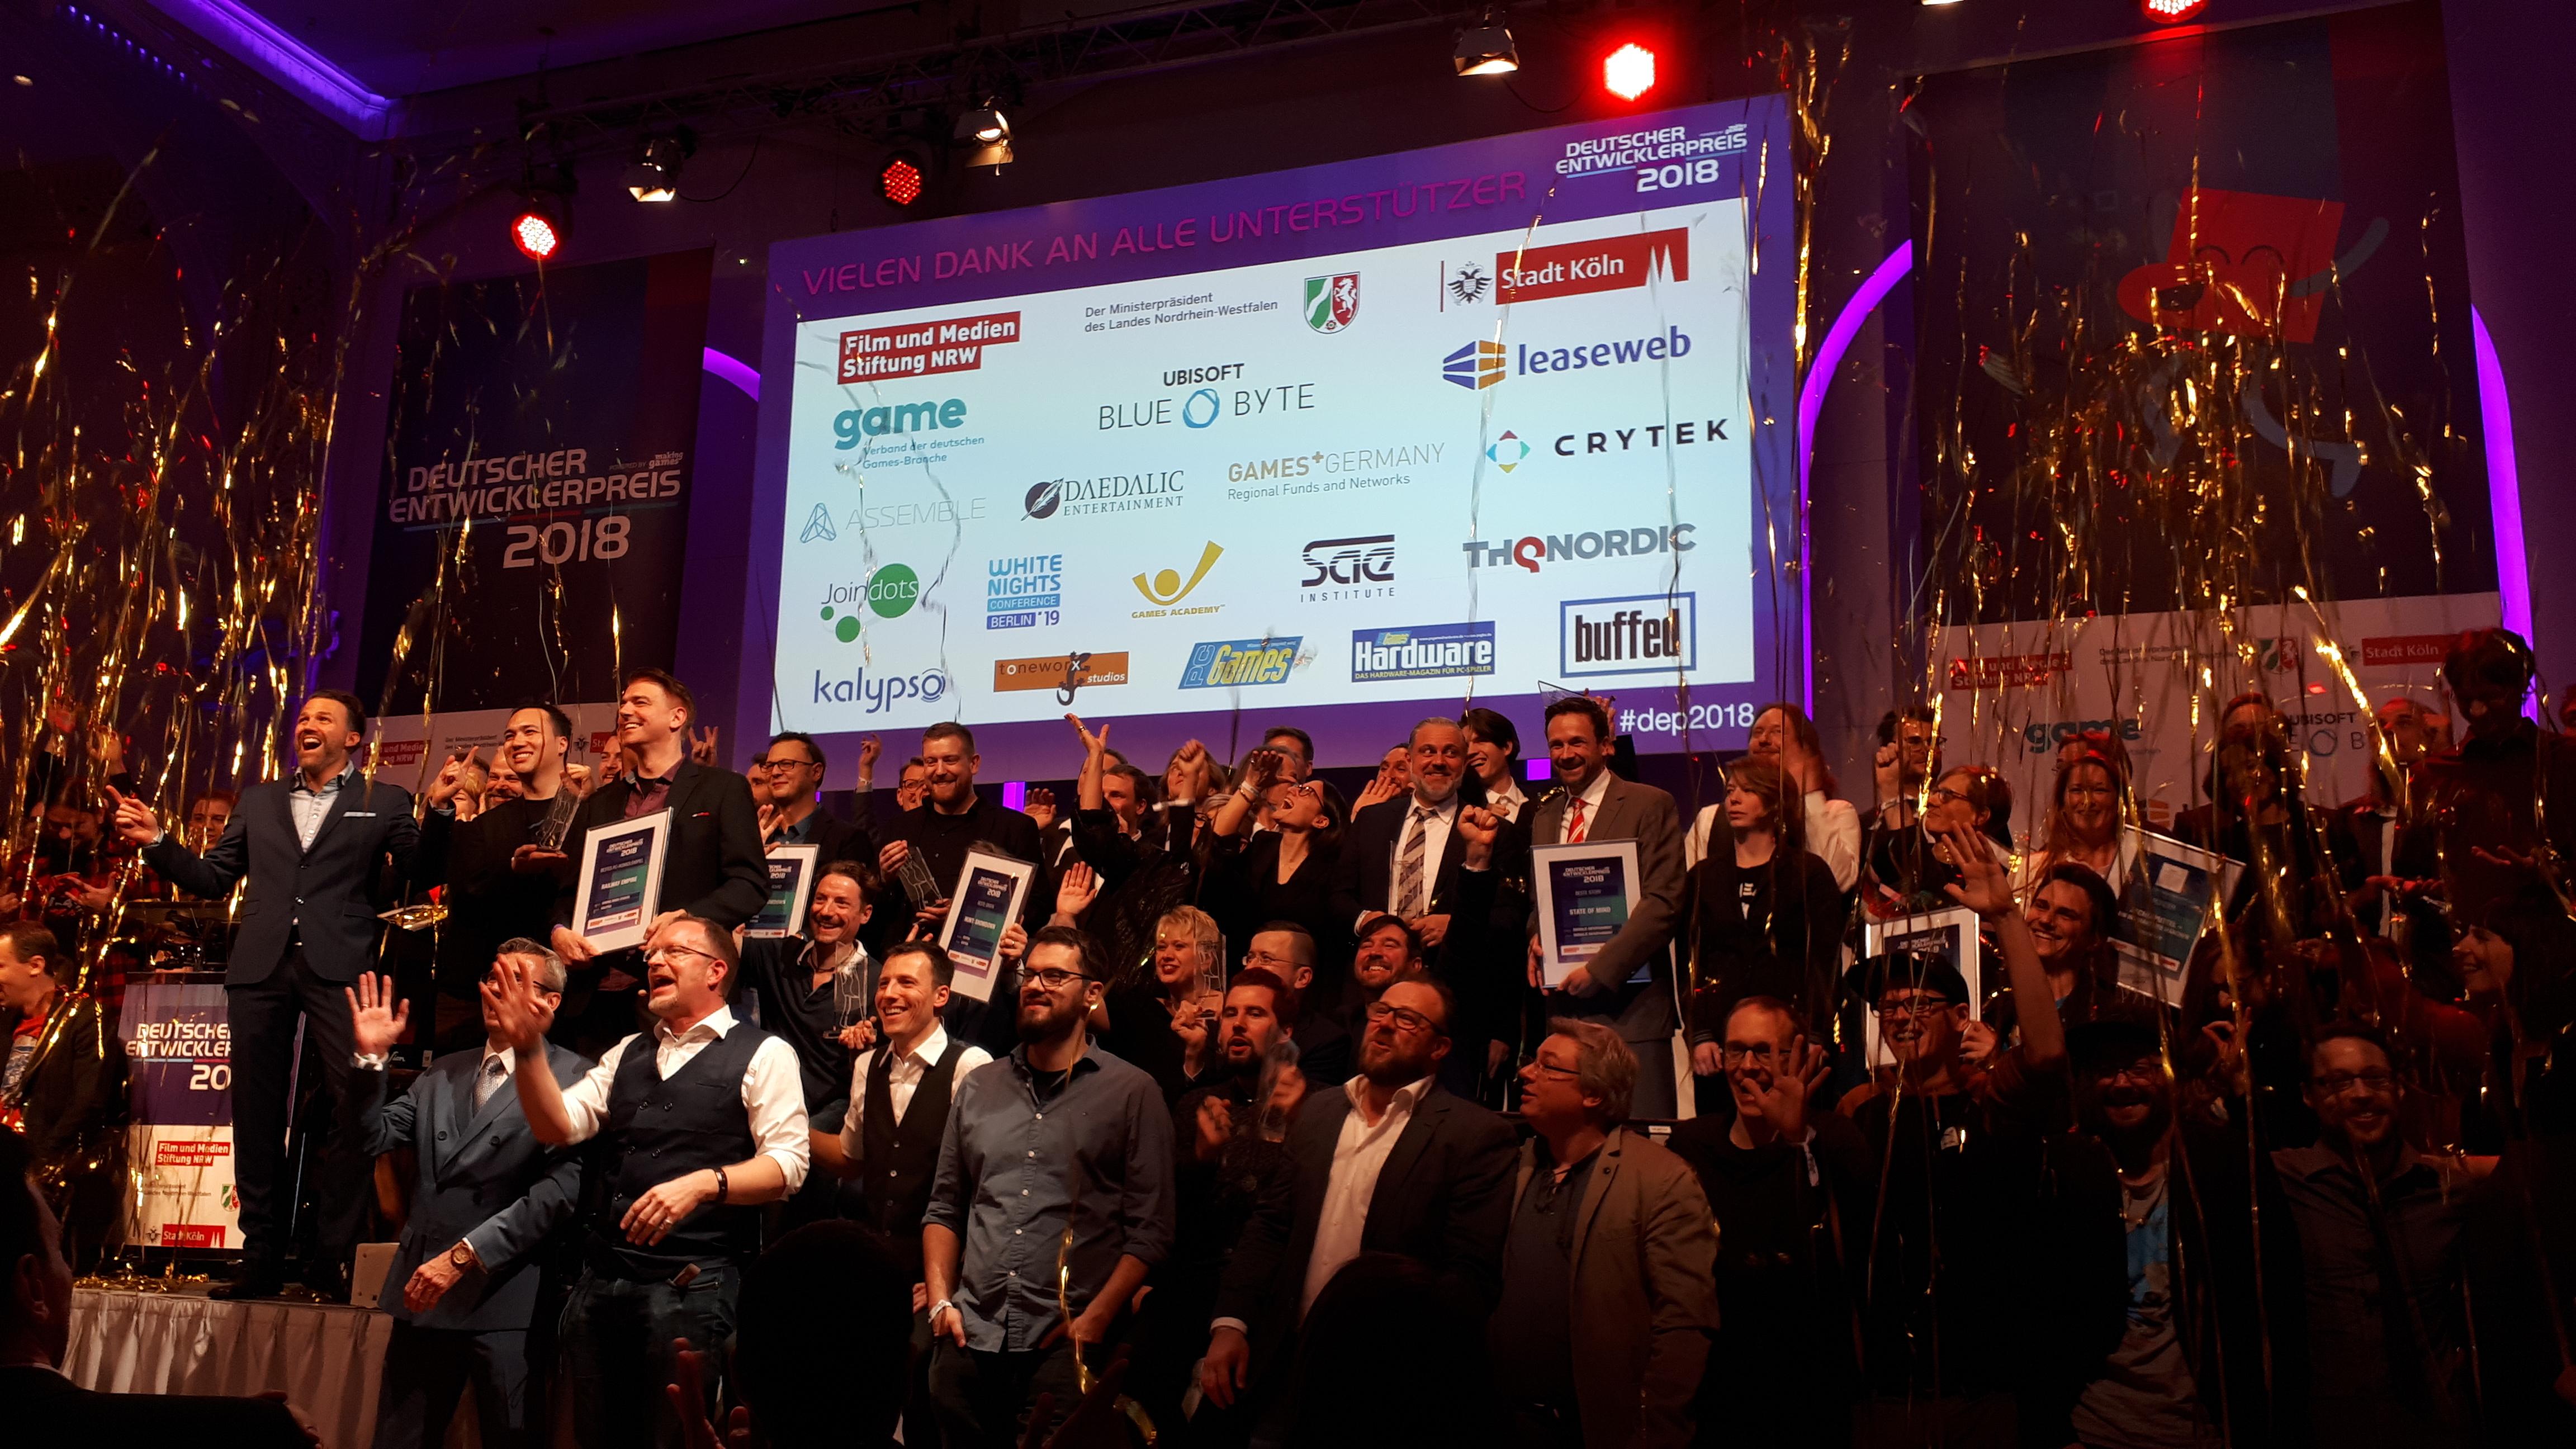 Deutscher Entwicklerpreis 2018